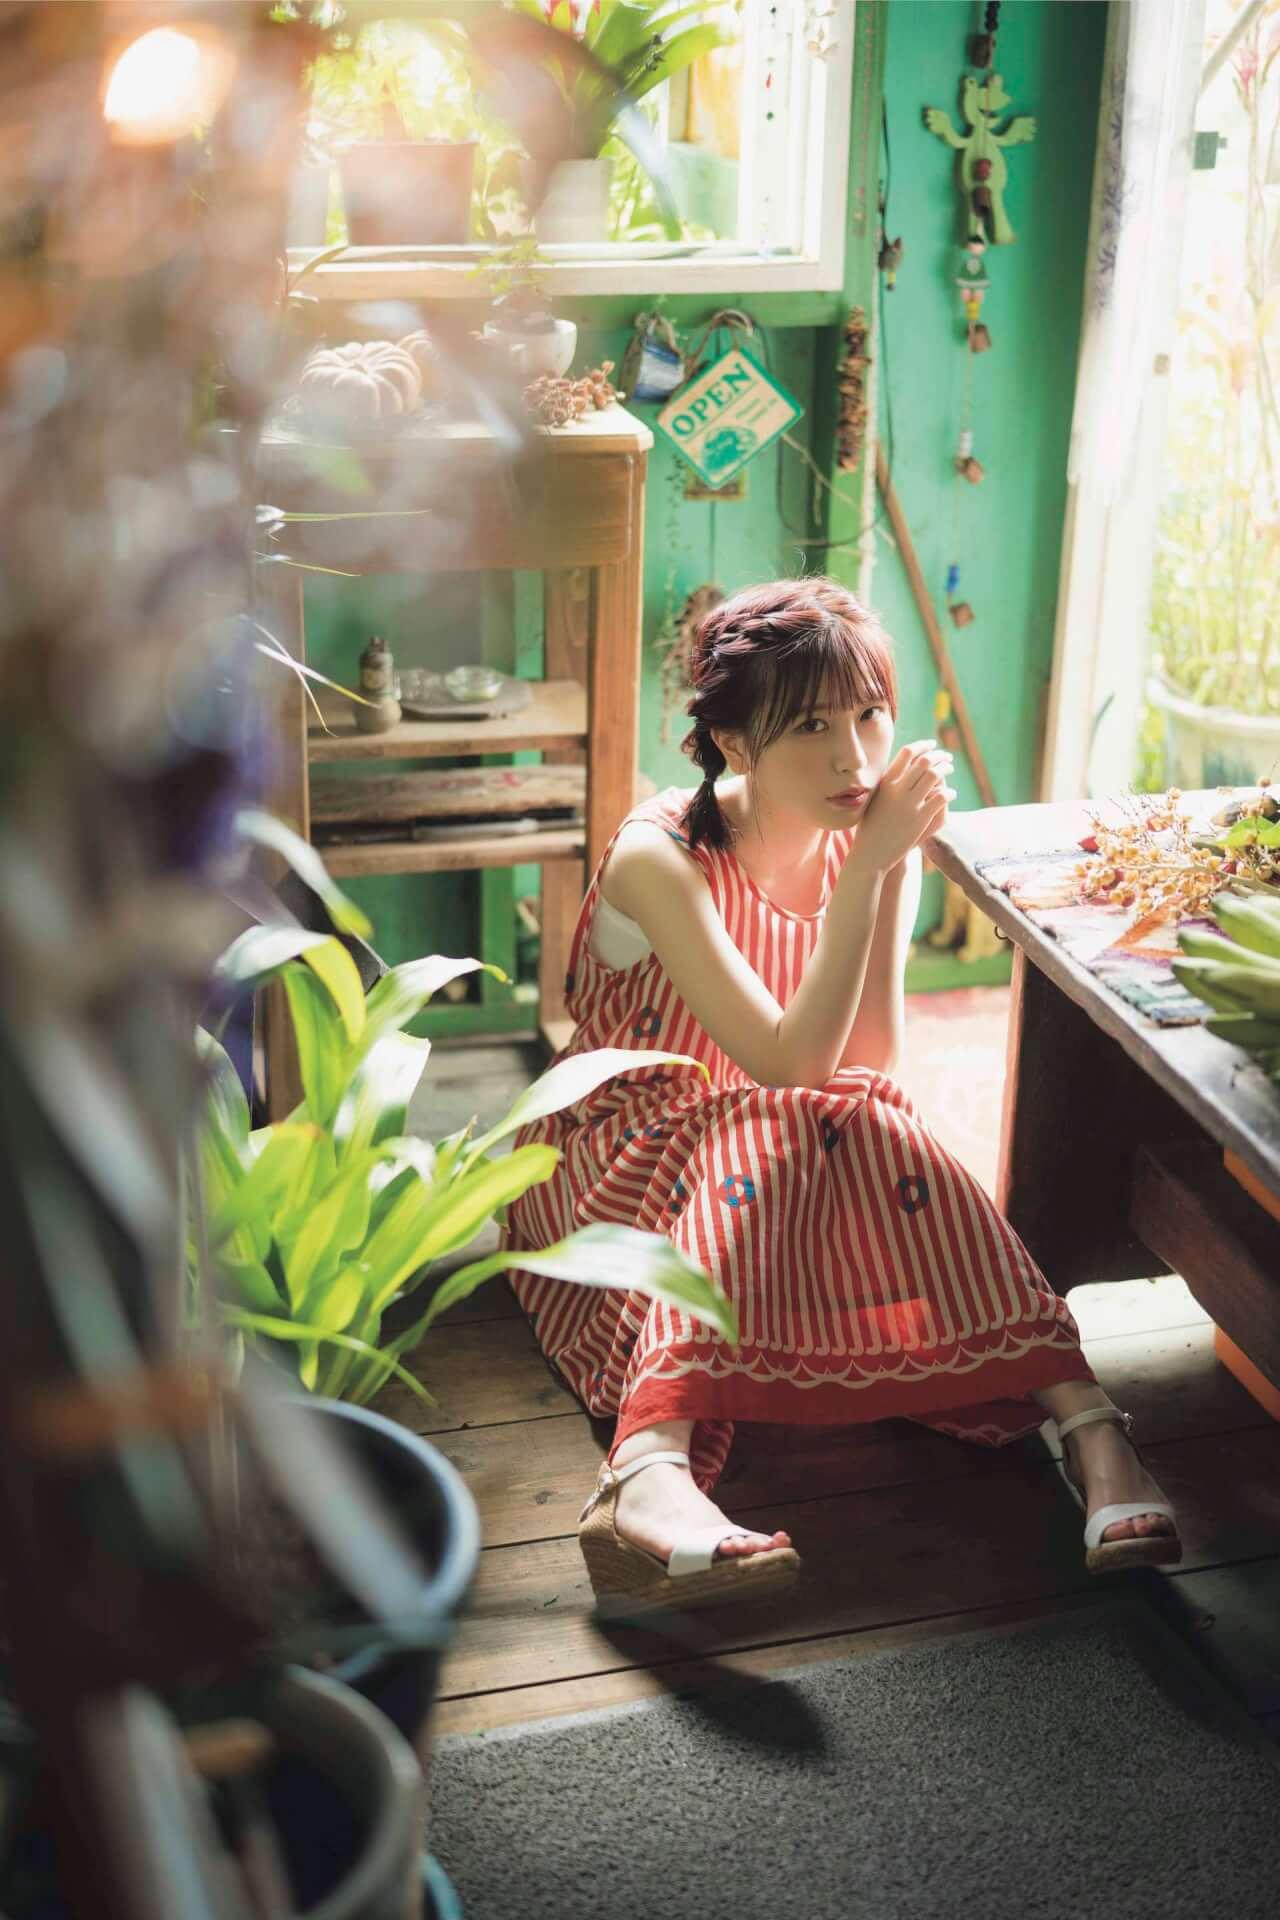 初のランジェリーカットも披露するまねきケチャ・宮内凛の1st写真集が発売決定!透き通ったセクシーボディを披露 art210201_miyauchirin_5